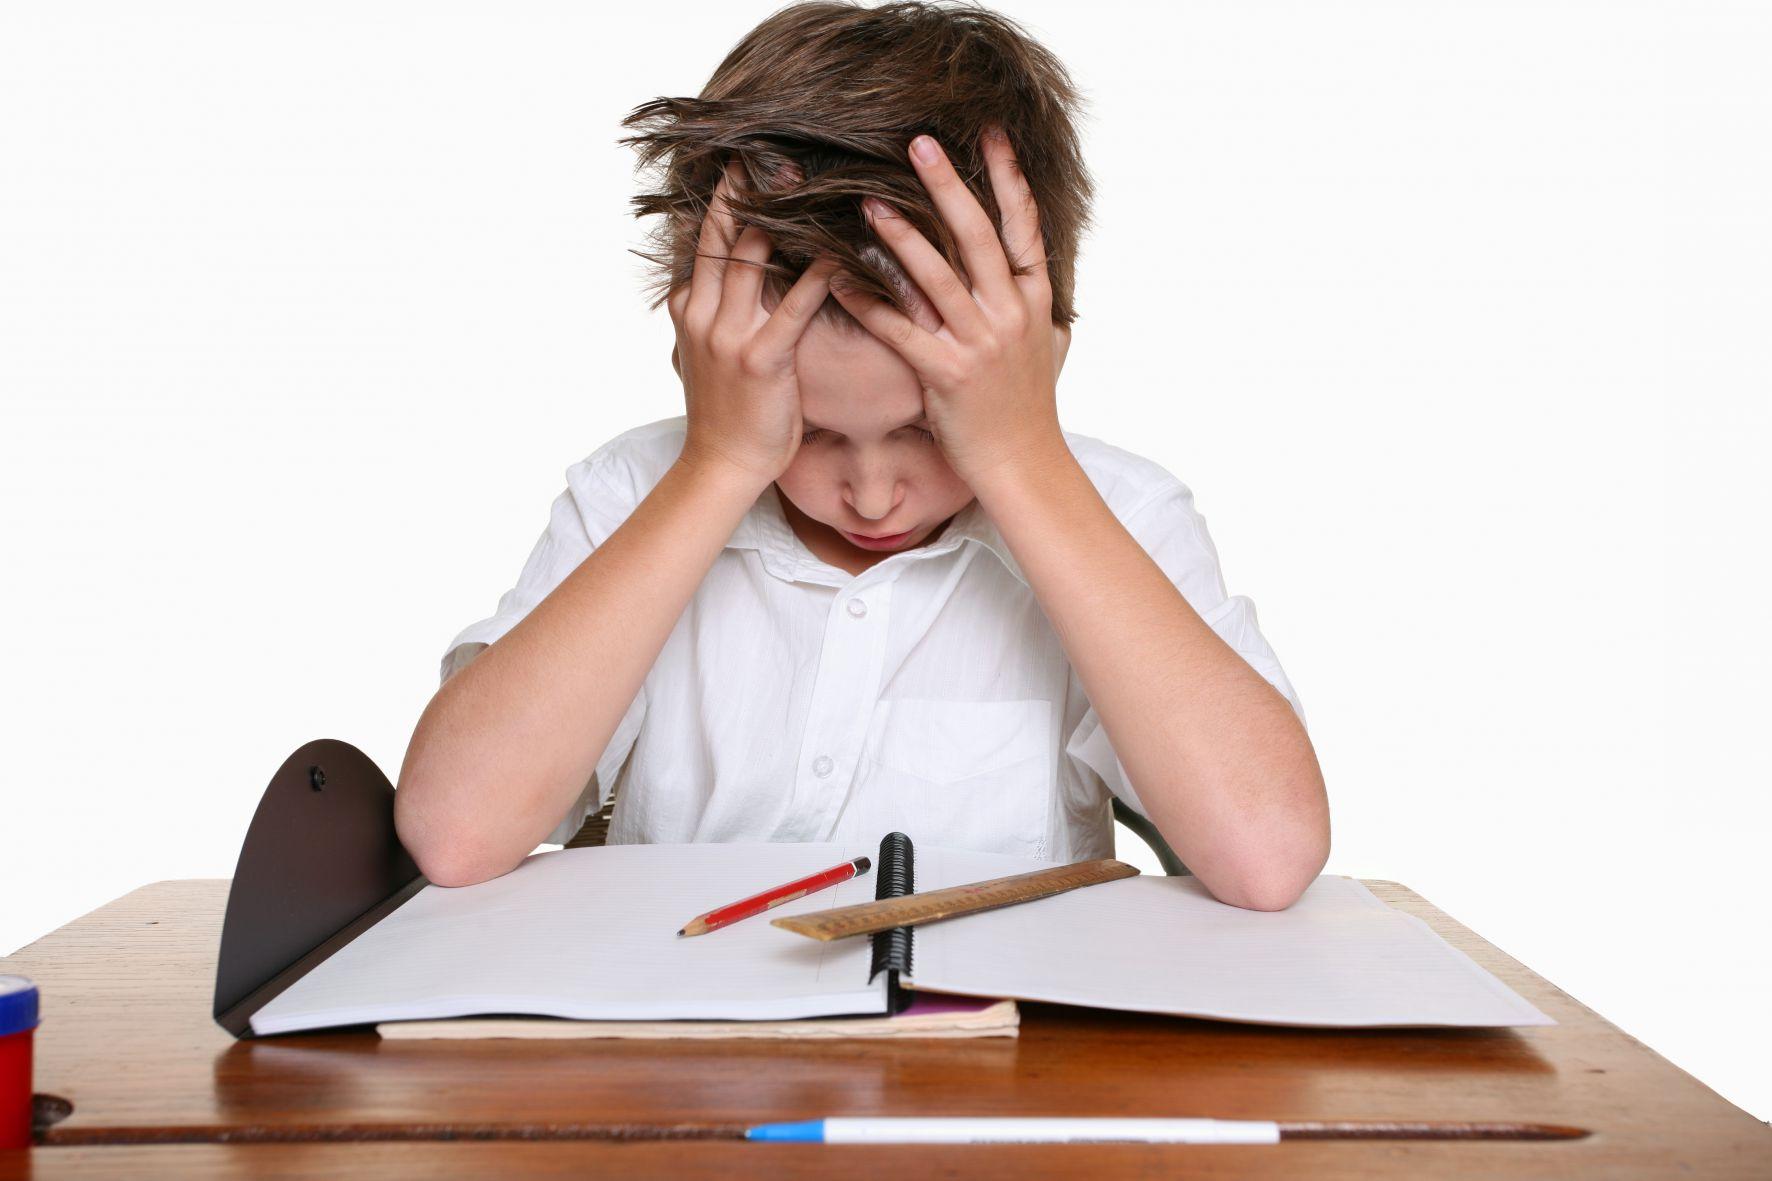 Выученная беспомощность и другие причины нарушения мотивации обучения в школе